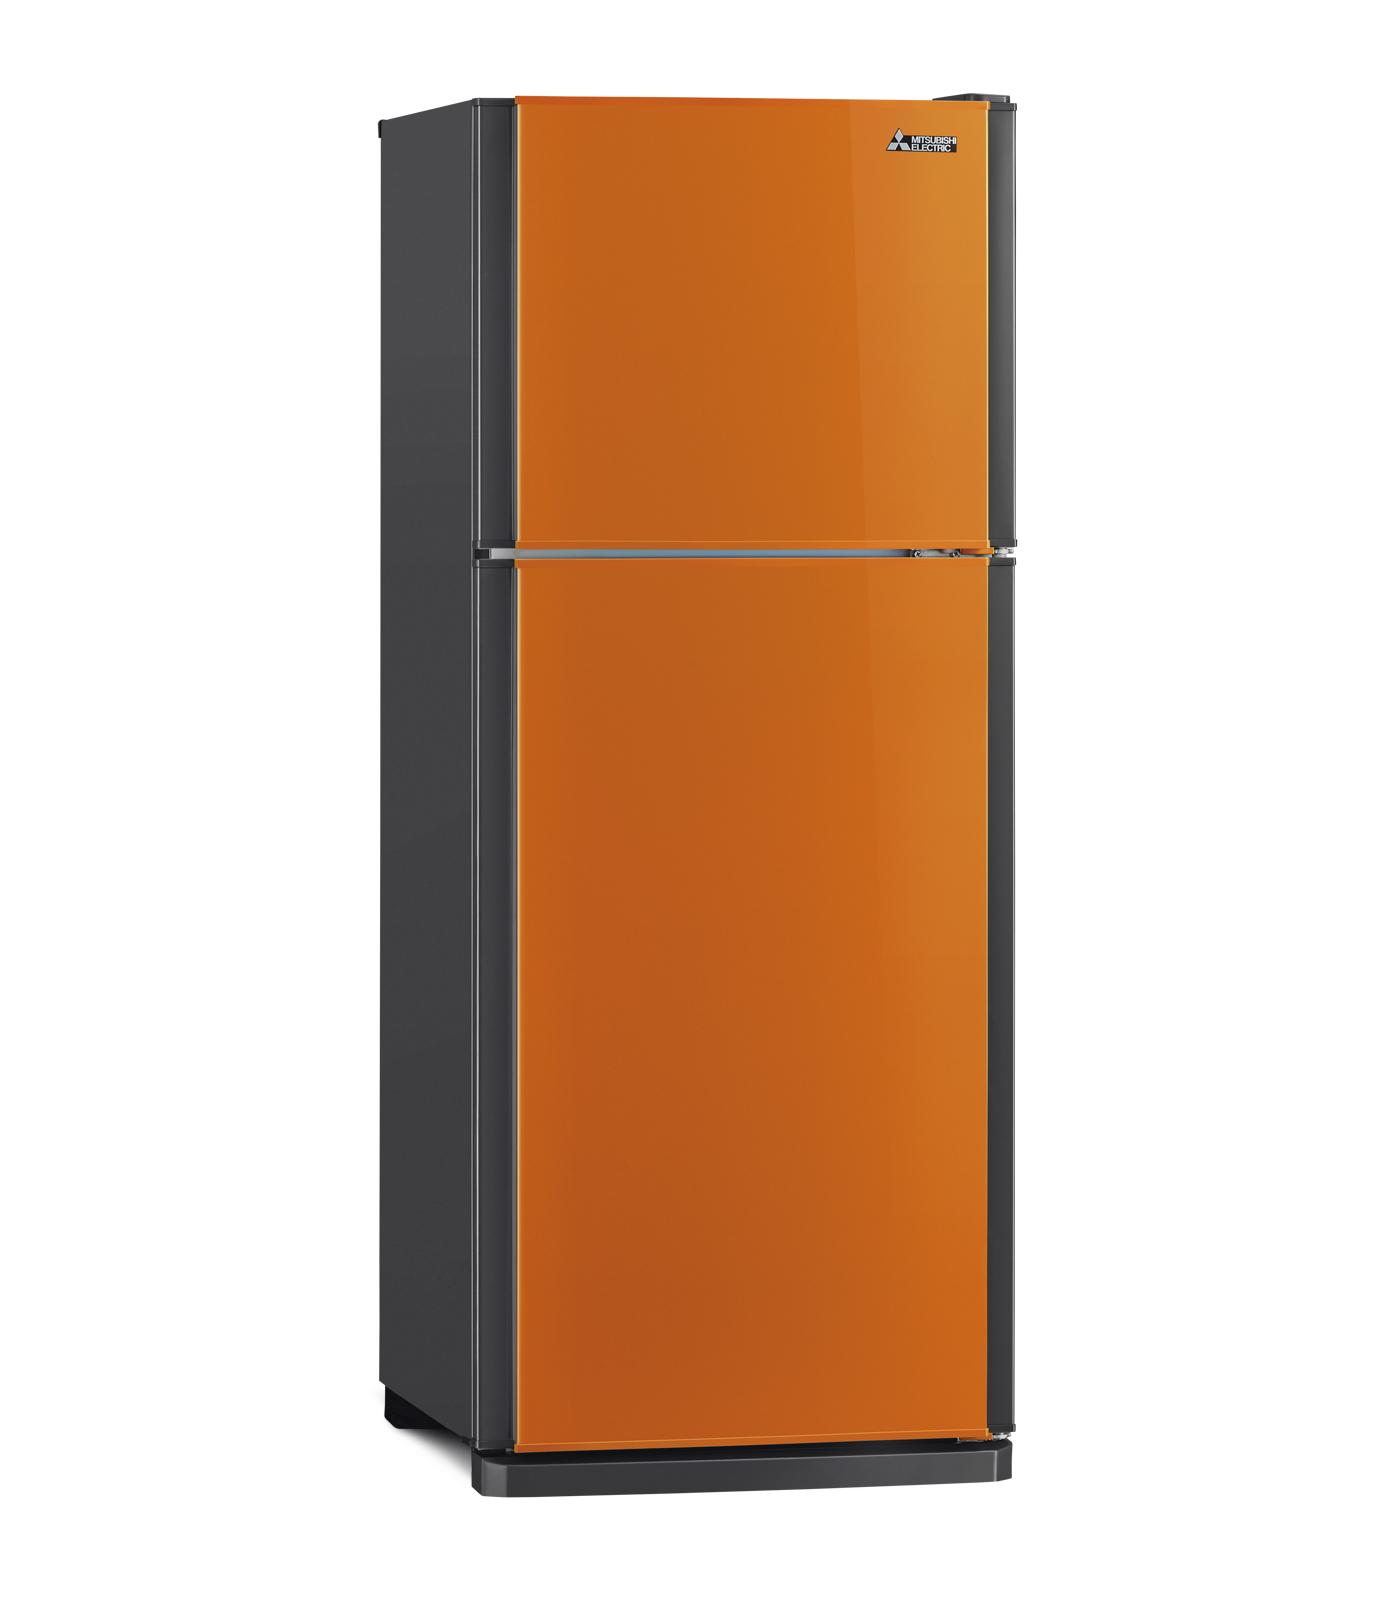 Mitsubishi ตู้เย็น 2 ประตู ขนาด 6.4 คิว รุ่น MR-F21 - สีส้ม